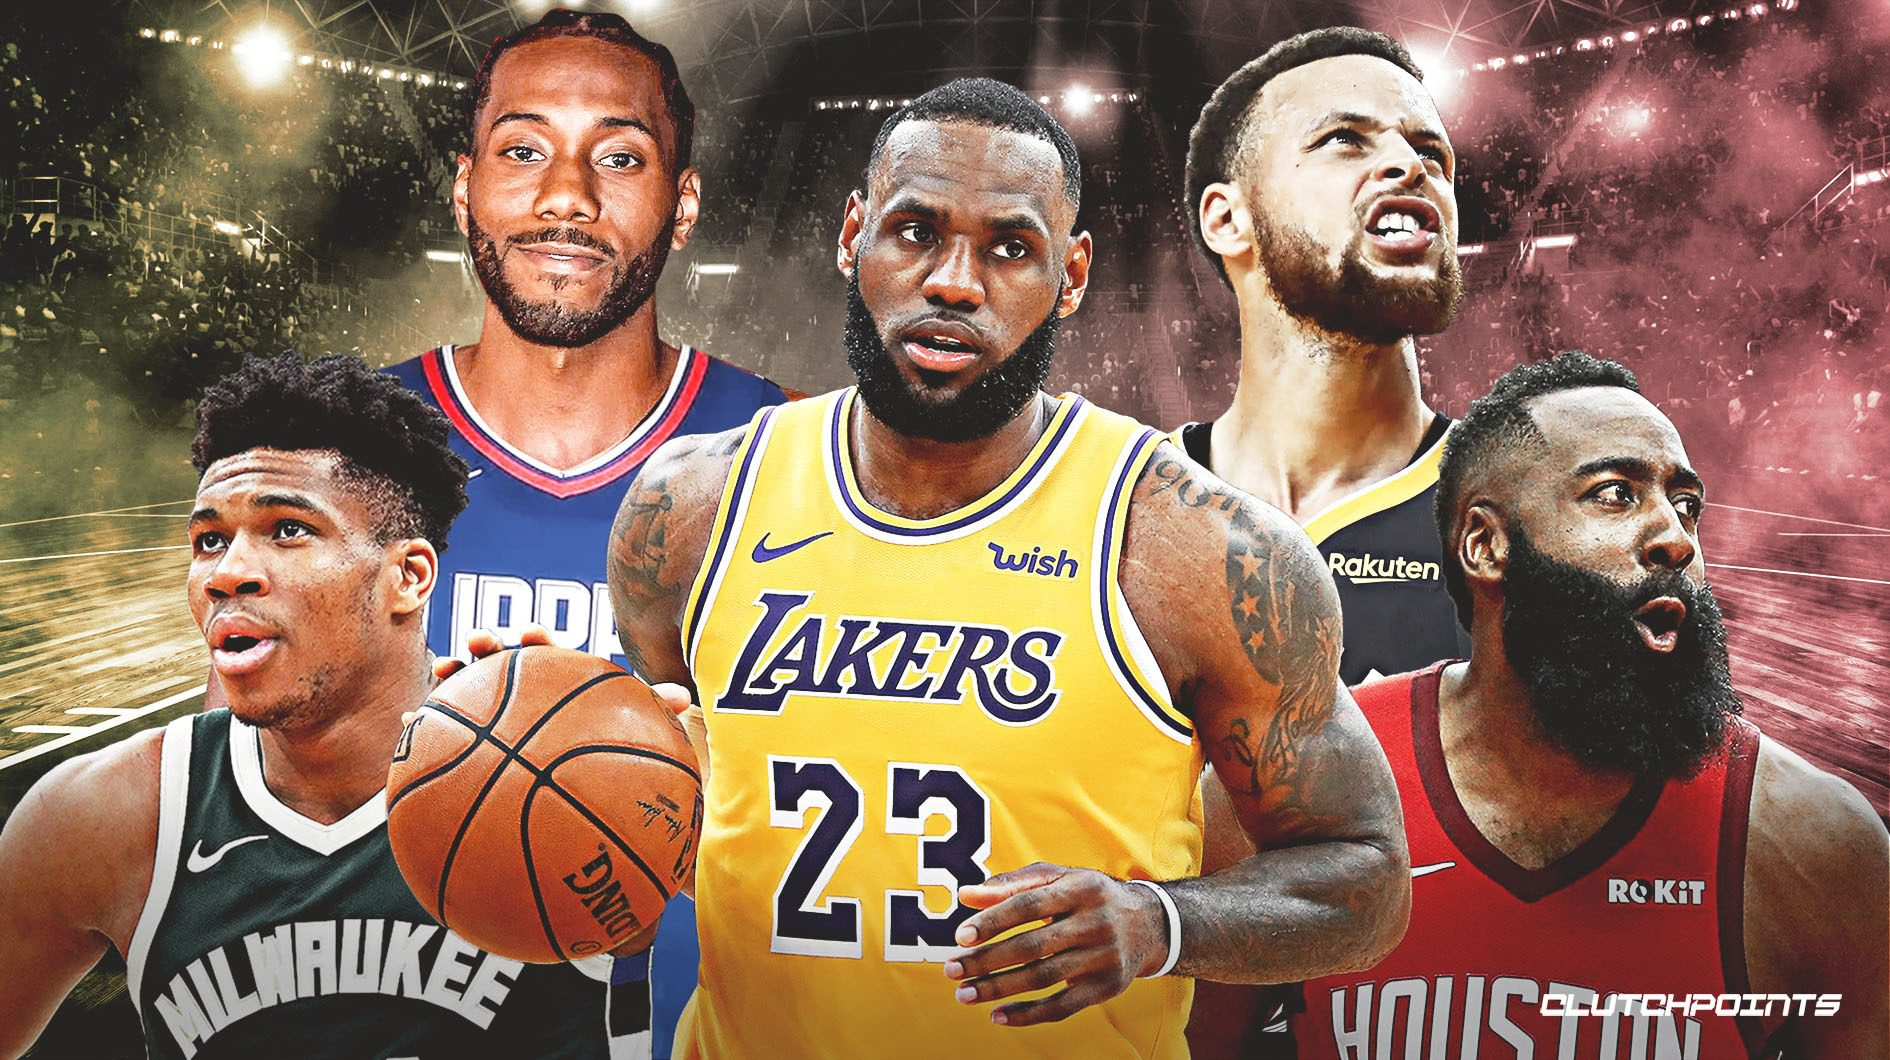 El gráfico (y la explicación) que muestra cómo ha cambiado la NBA